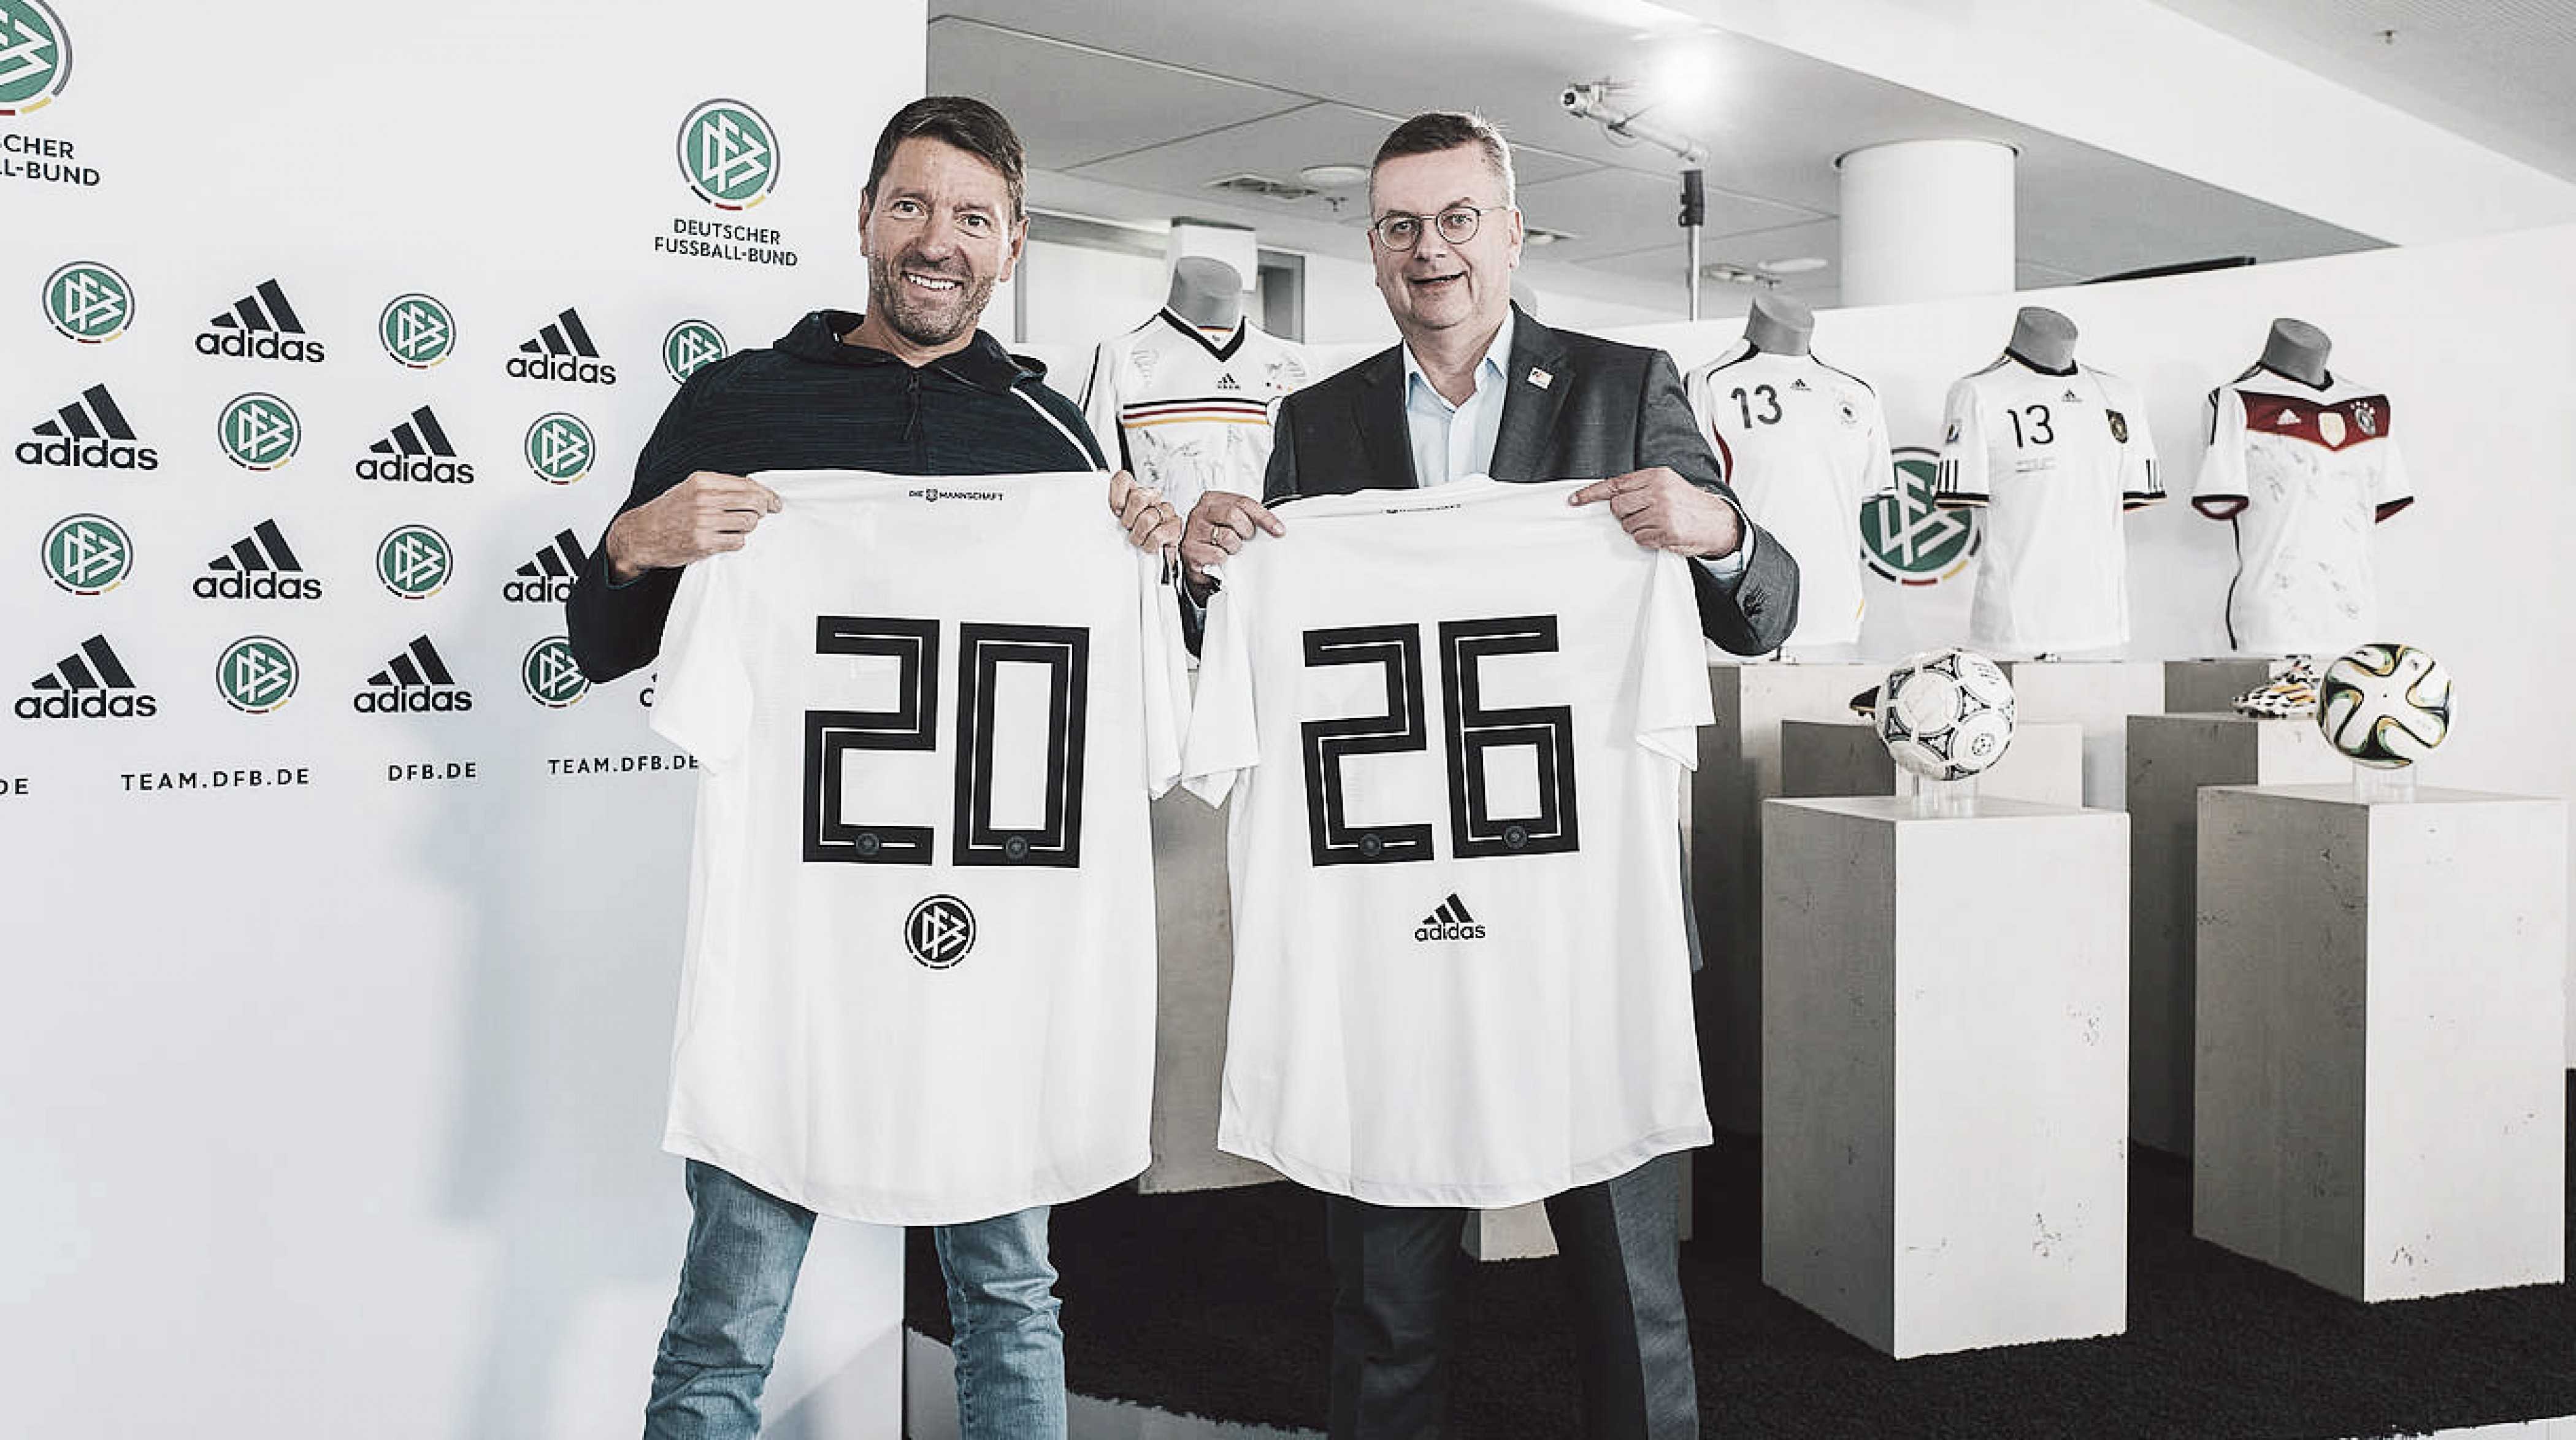 Seleção Alemã renova contrato com fornecedora Adidas até 2026